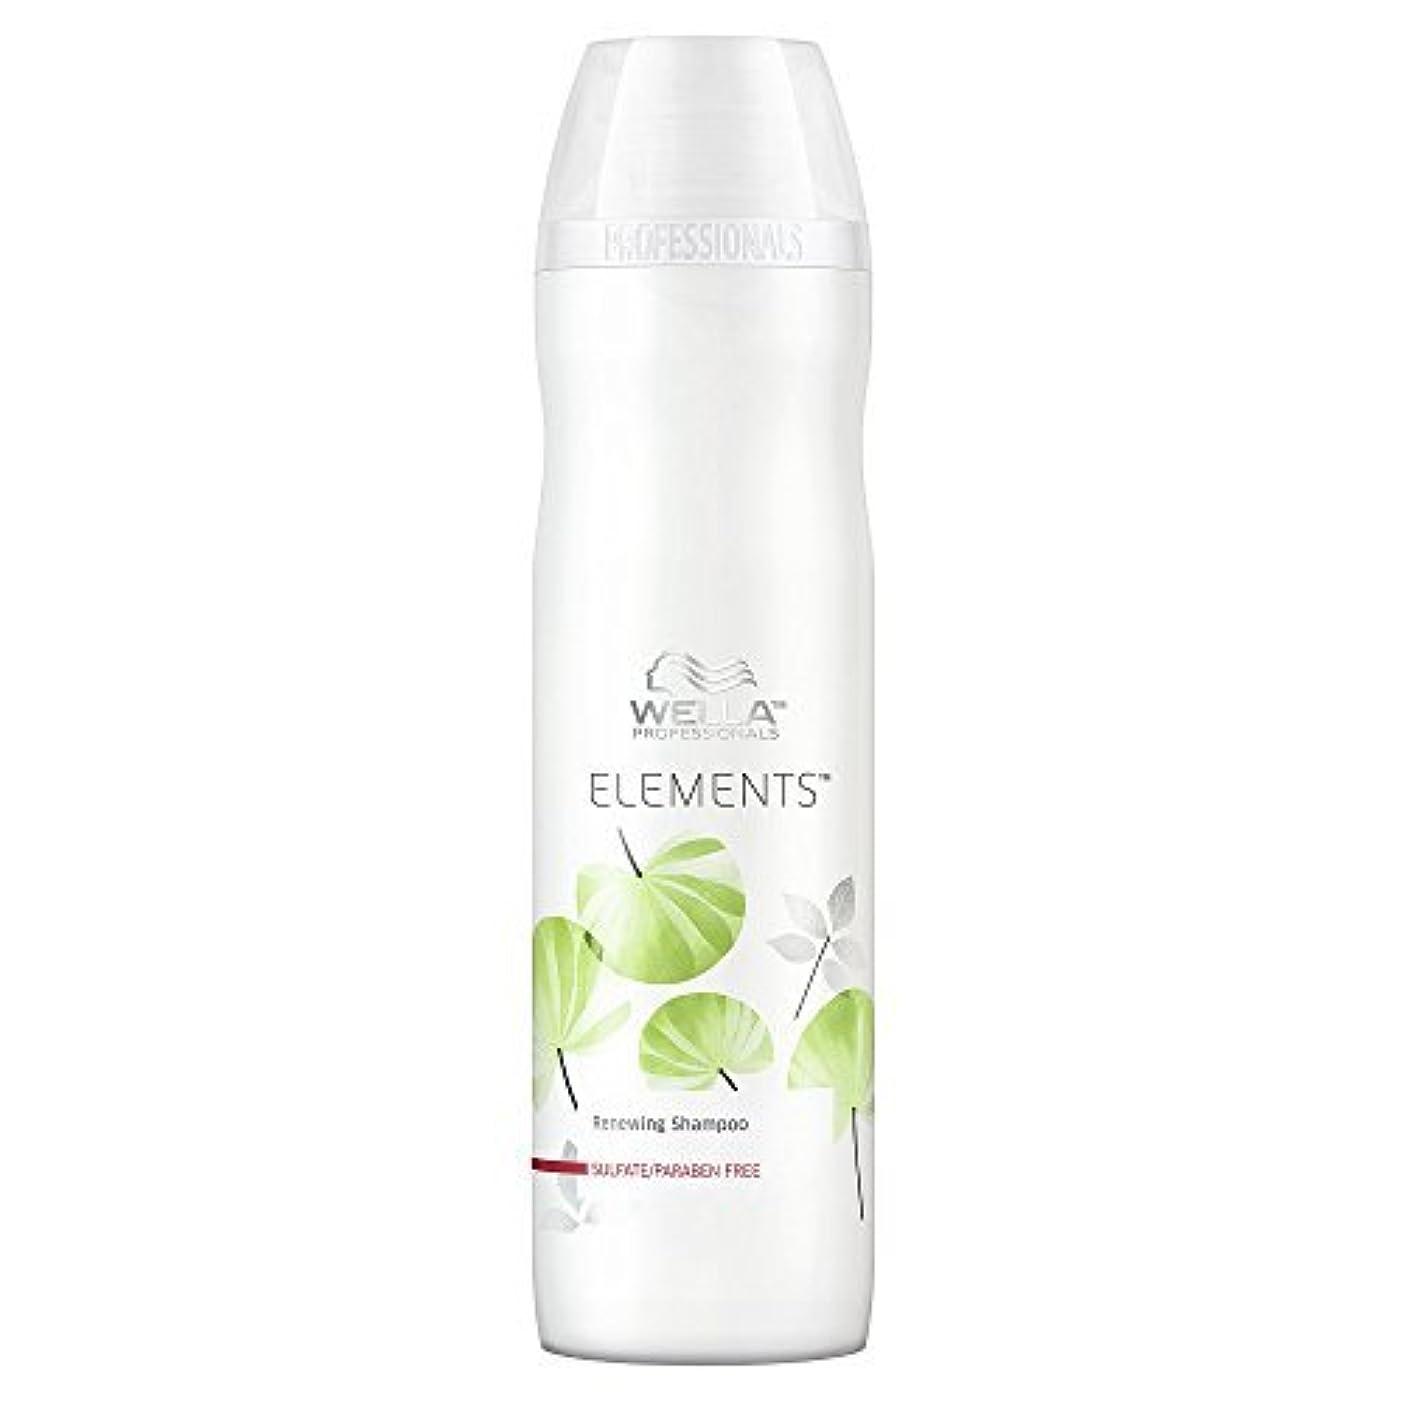 気まぐれな下る同様のWella Elements Renewing Shampoo 8.45 oz / 250 ml sulfate paraben free by Wella [並行輸入品]